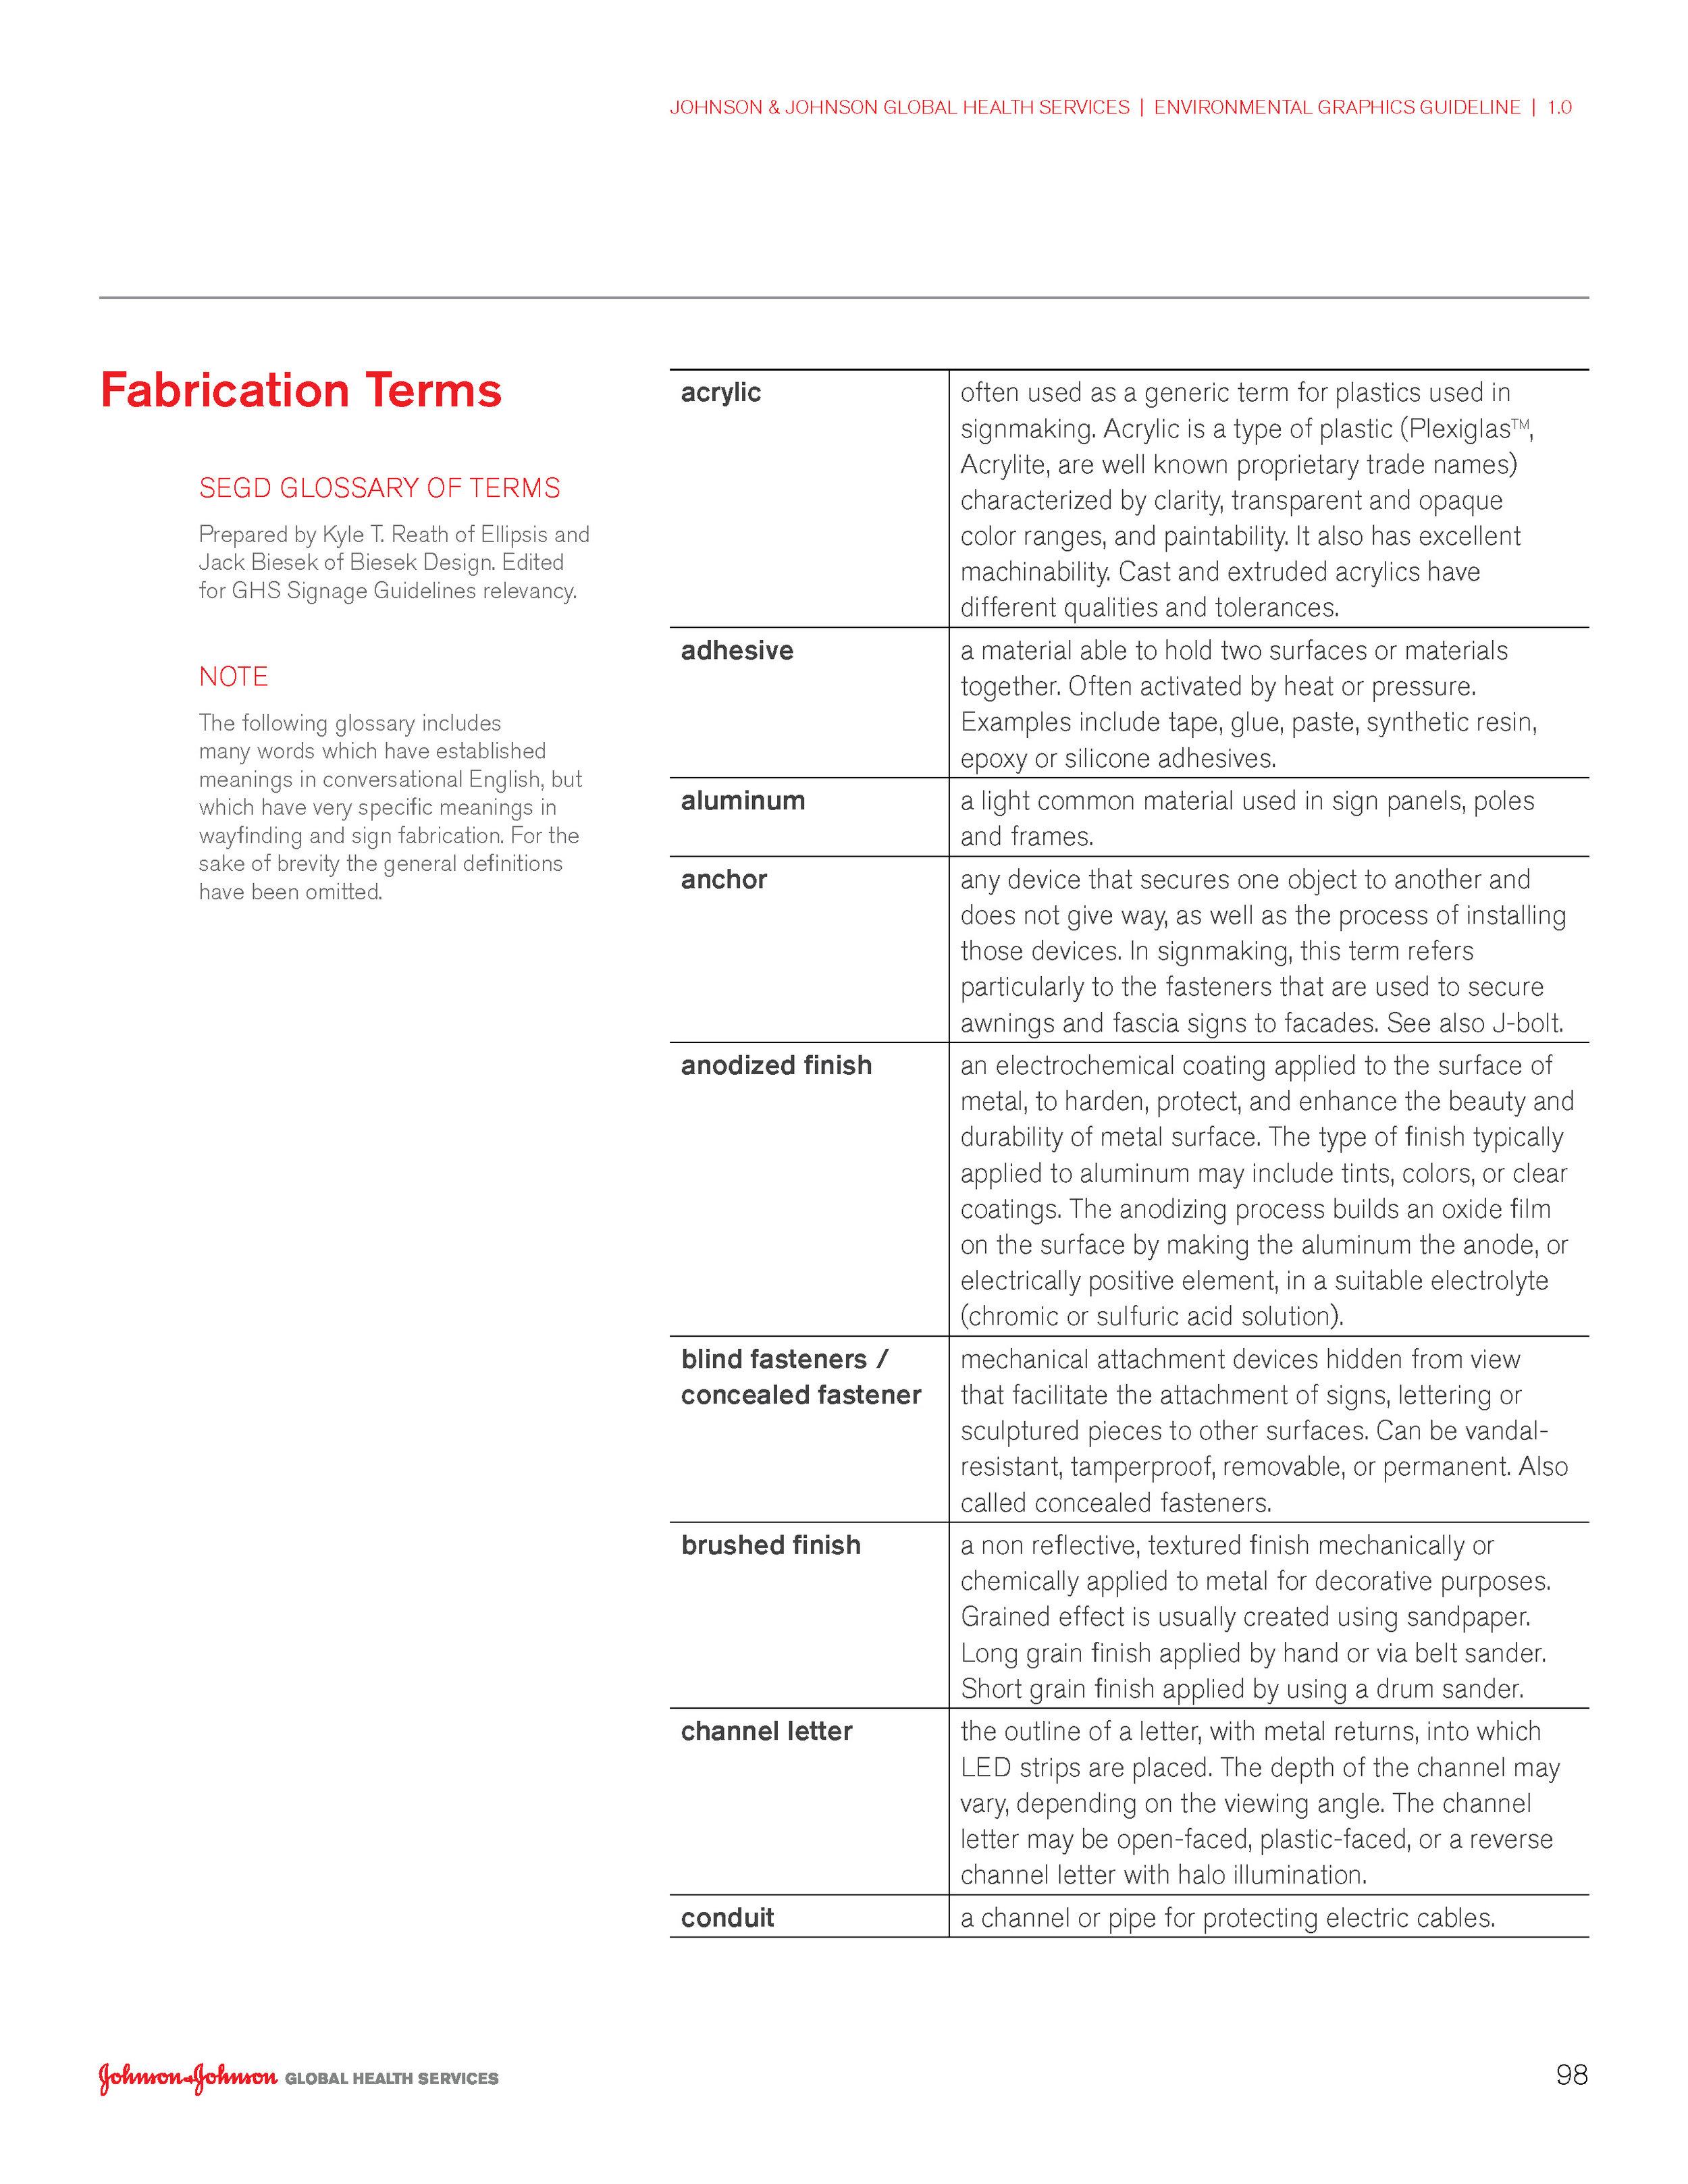 170929_GHS-EnvironmentalGuidelines_1.0 copy_Page_098.jpg